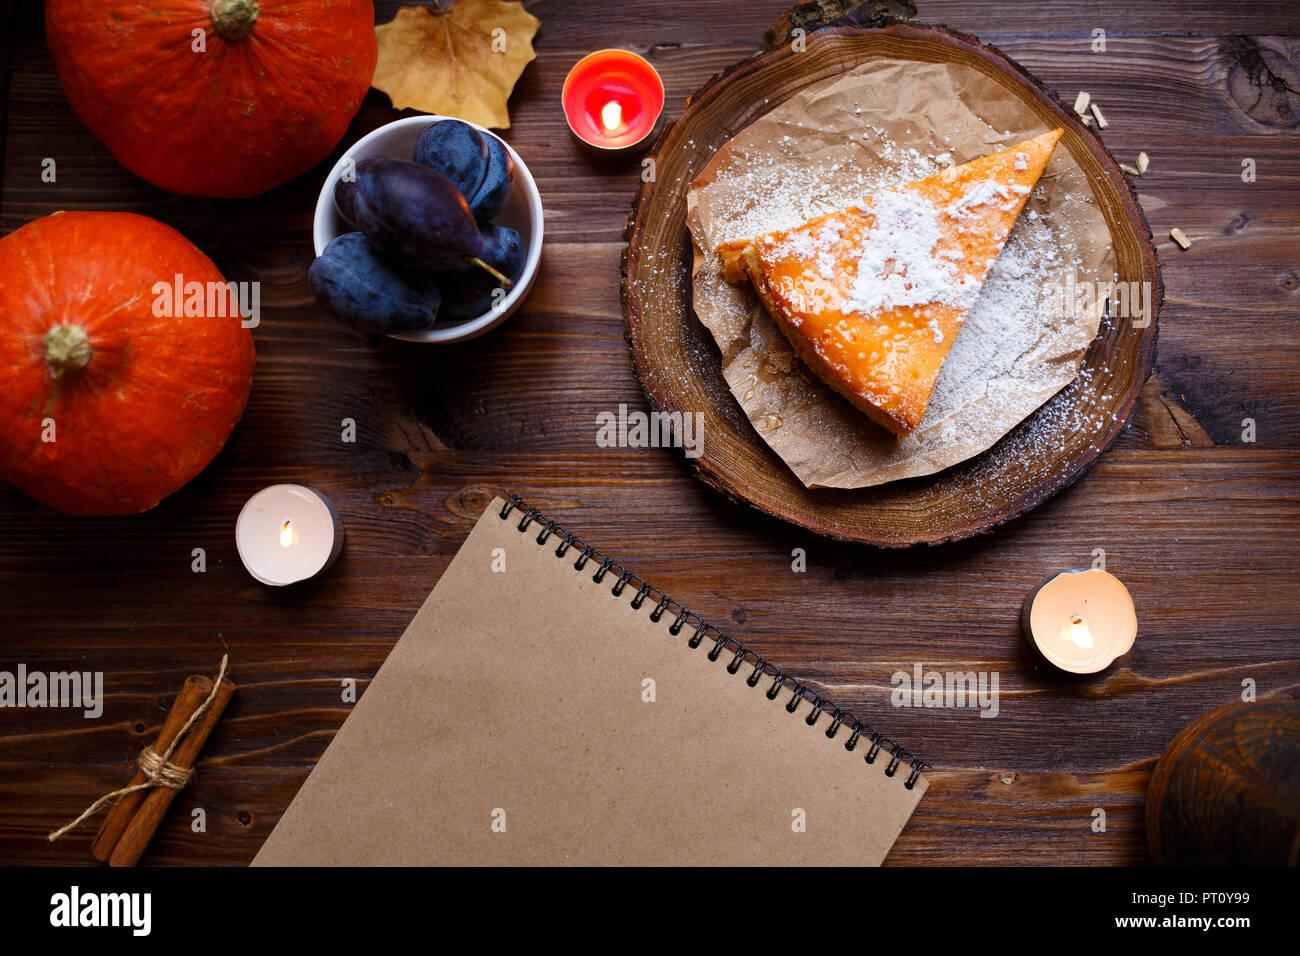 Notebook, pumpkin Cheesecake, zu Hause, Kürbis, Laub gekocht, Tischleuchte, Vanille auf Holz dunkel Tabelle. Herbst und Winter gemütliche Konzept. Stockbild